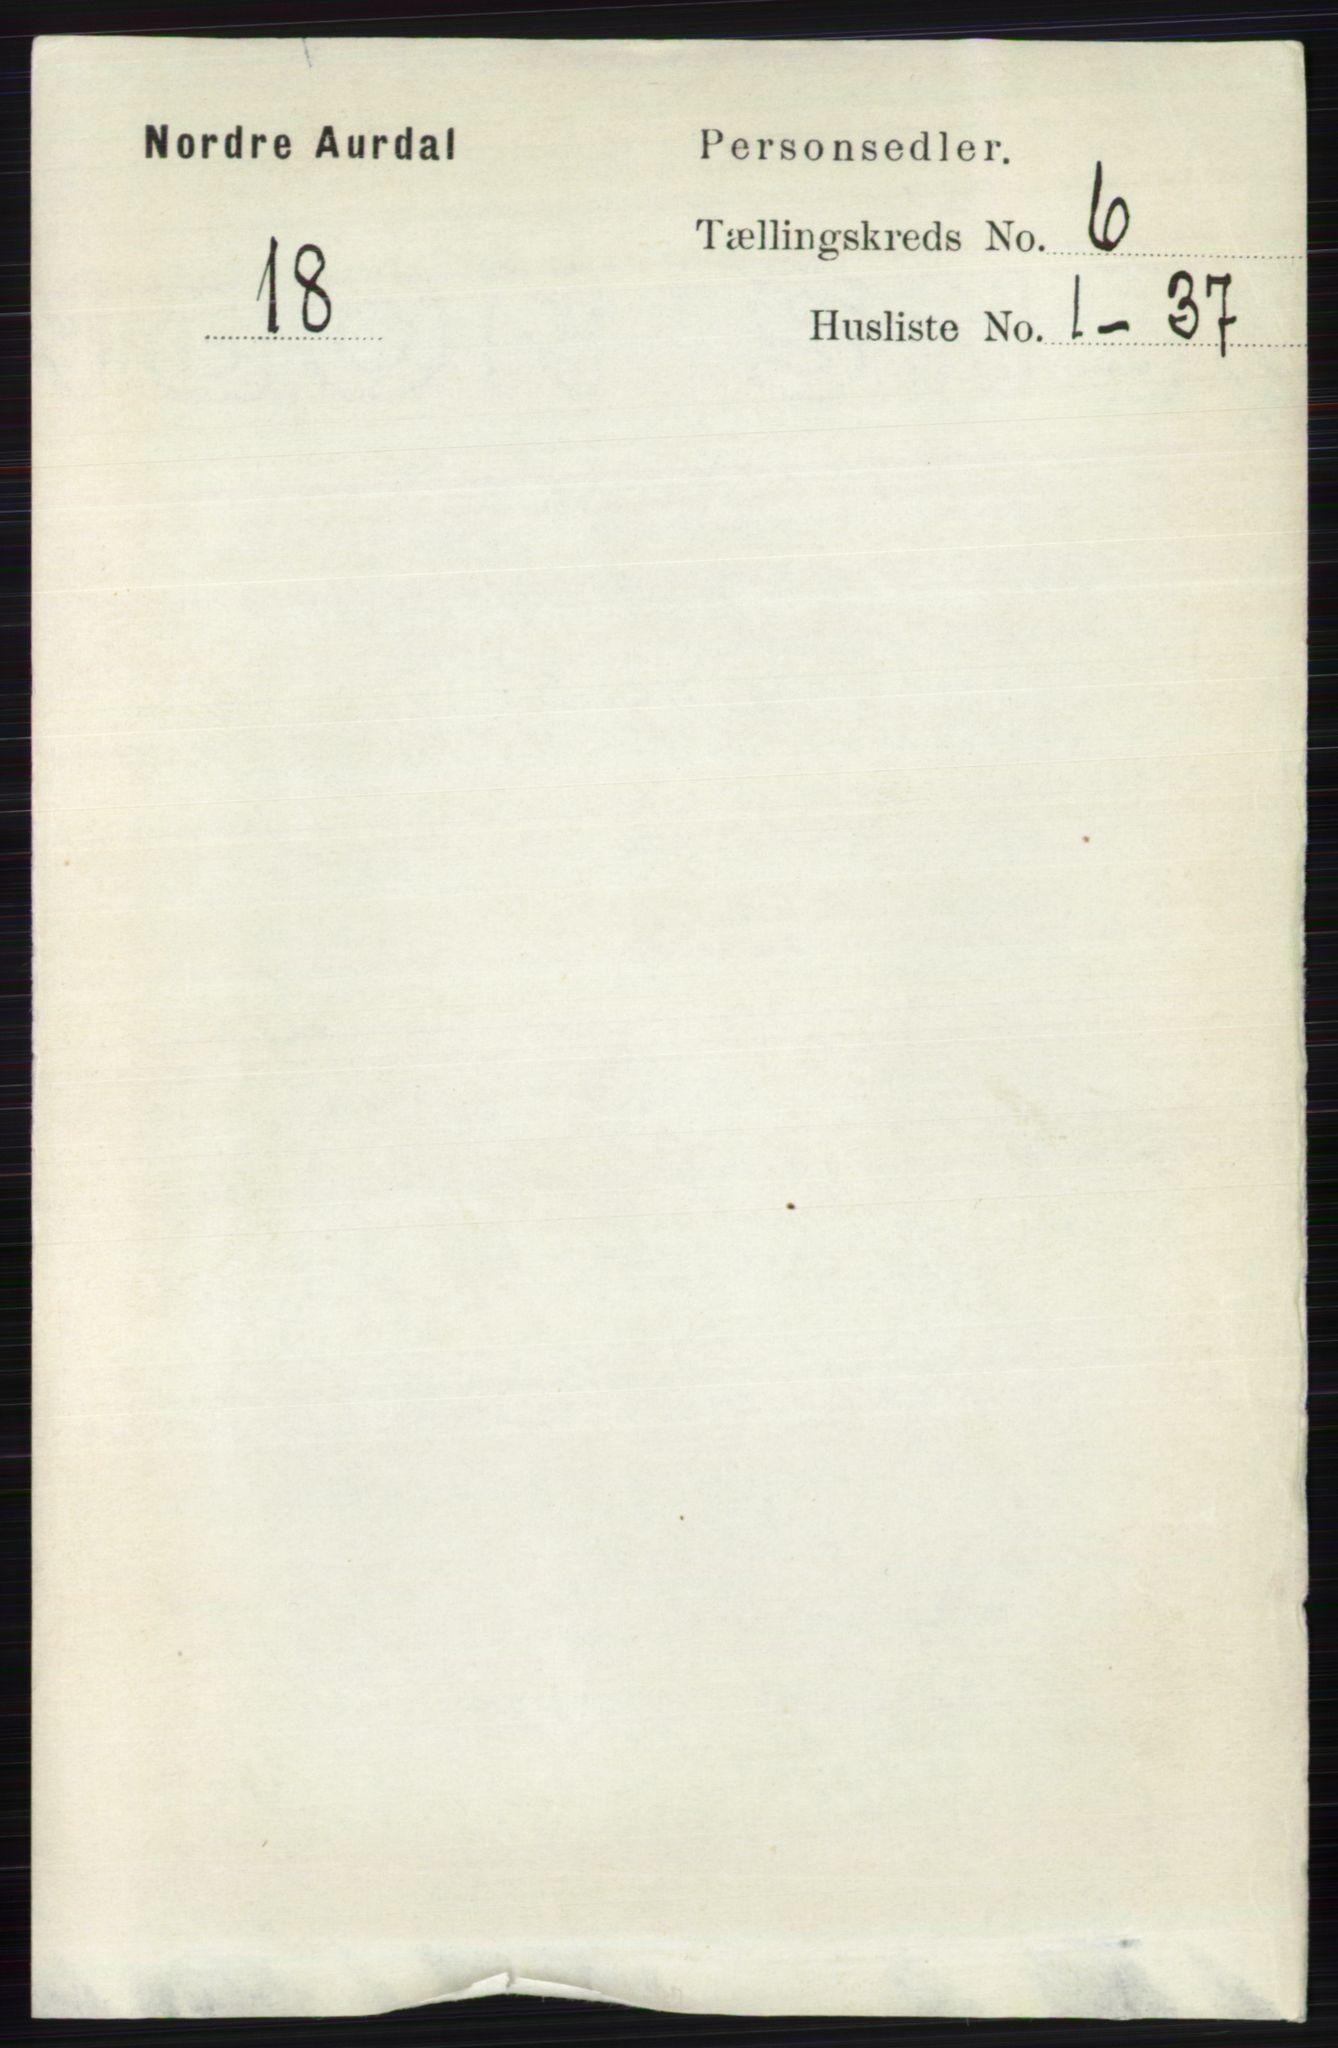 RA, Folketelling 1891 for 0542 Nord-Aurdal herred, 1891, s. 2085